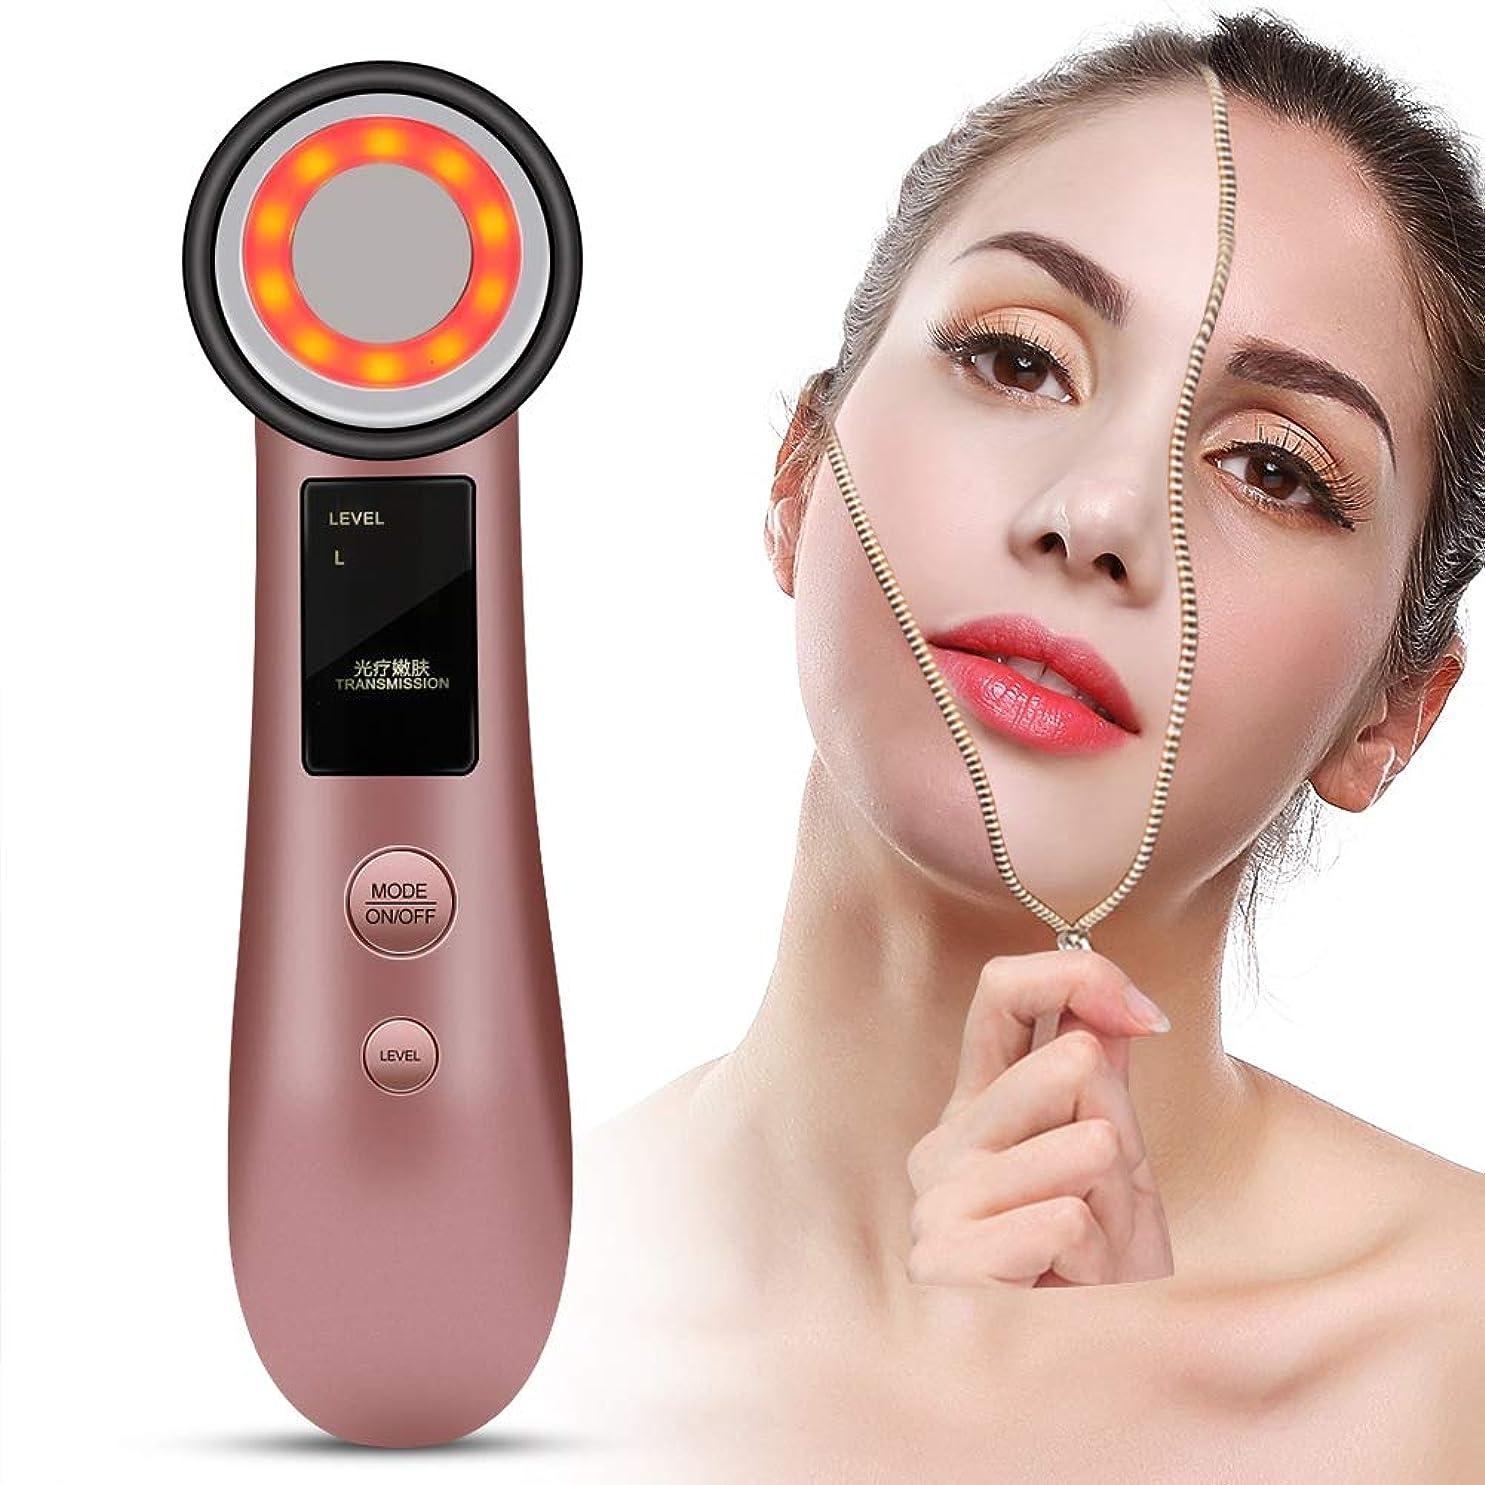 ネズミ補充下EMSの美顔術機械、反しわの持ち上がることのための皮の若返りの器械(ローズゴールド)